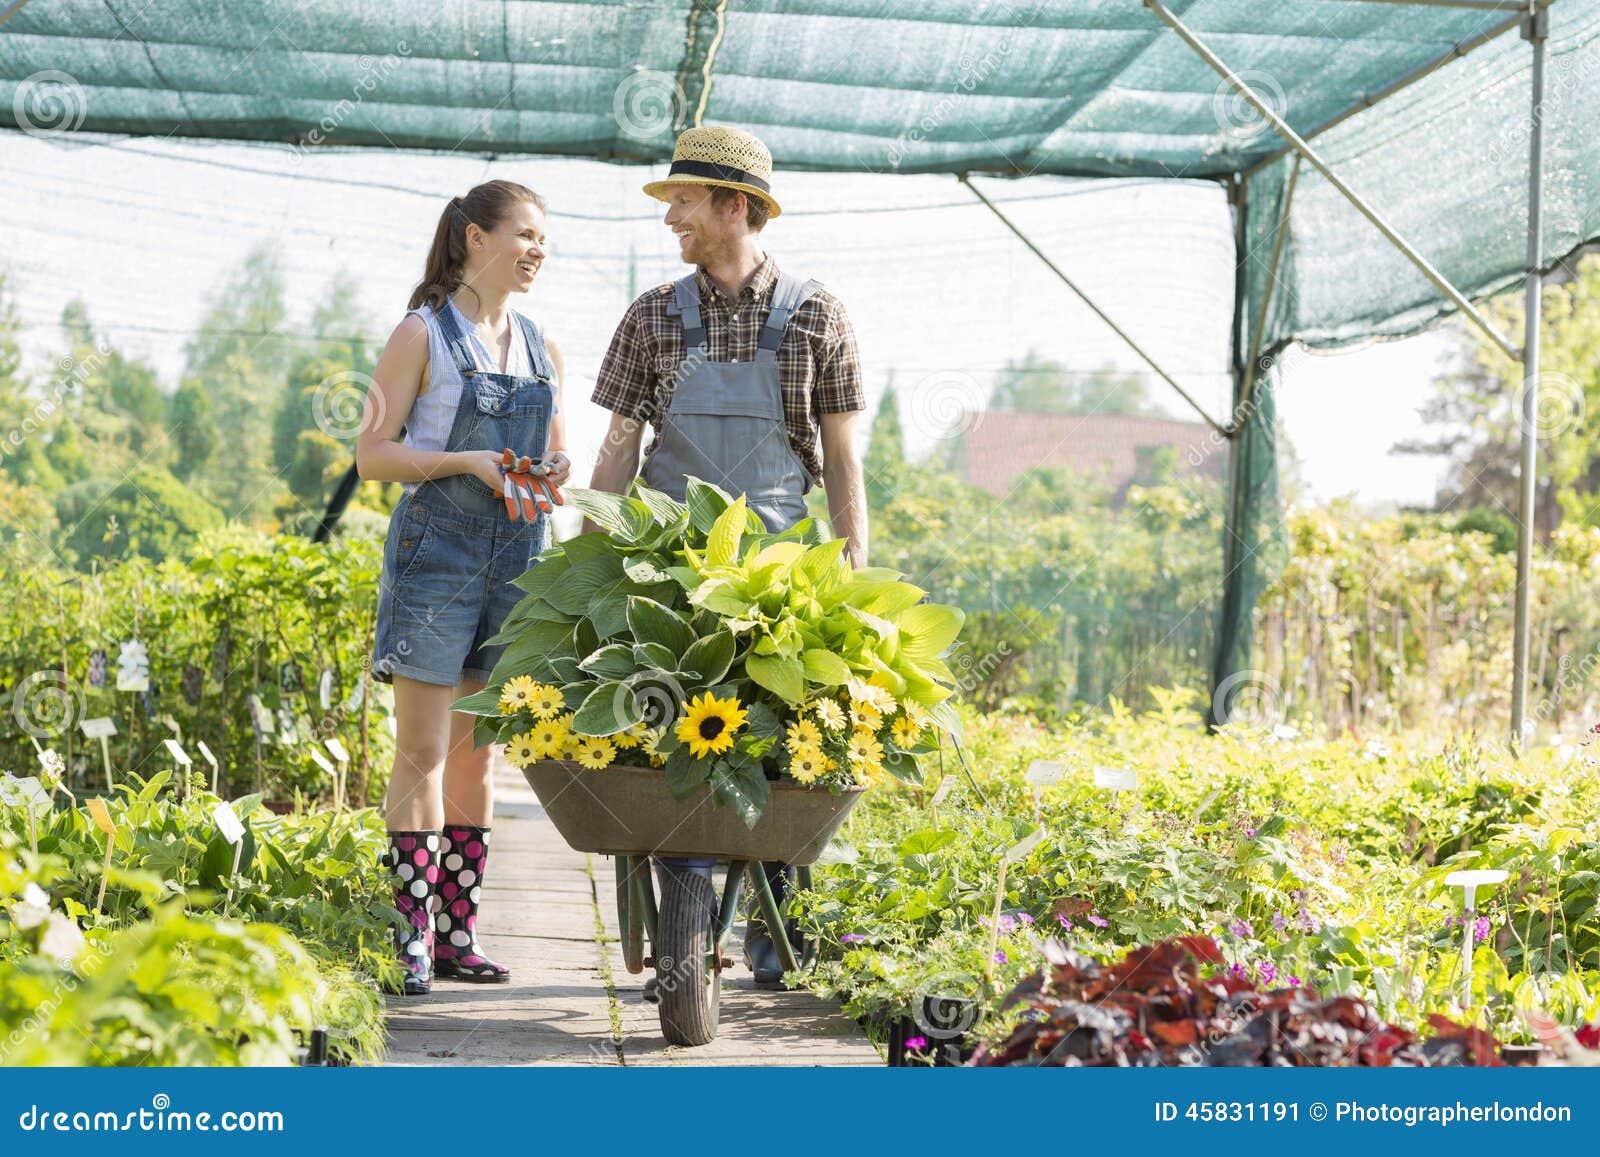 Trädgårdsmästare som diskuterar, medan skjuta växter i skottkärra på växthuset